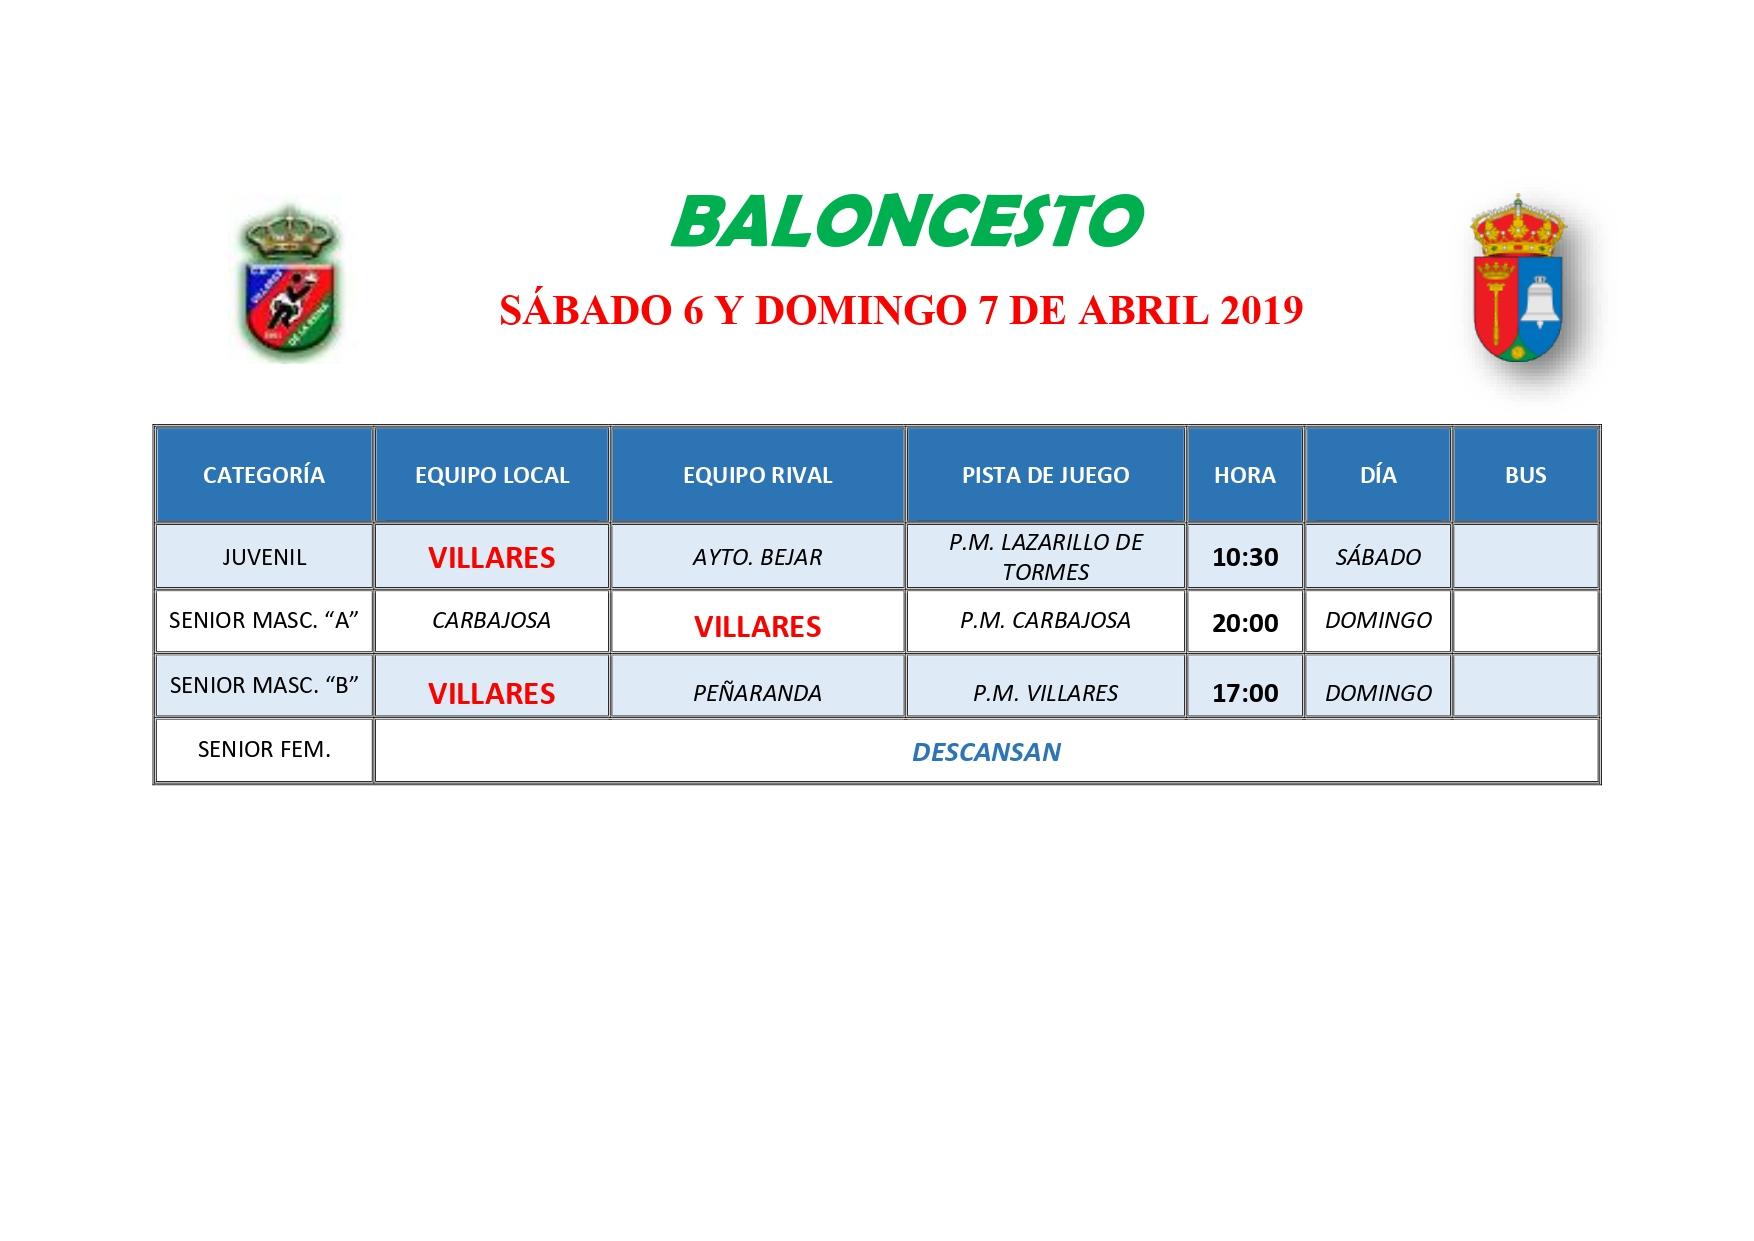 HORARIOS DE BALONCESTO S�BADO 6 Y DOMINGO 7 DE ABRIL